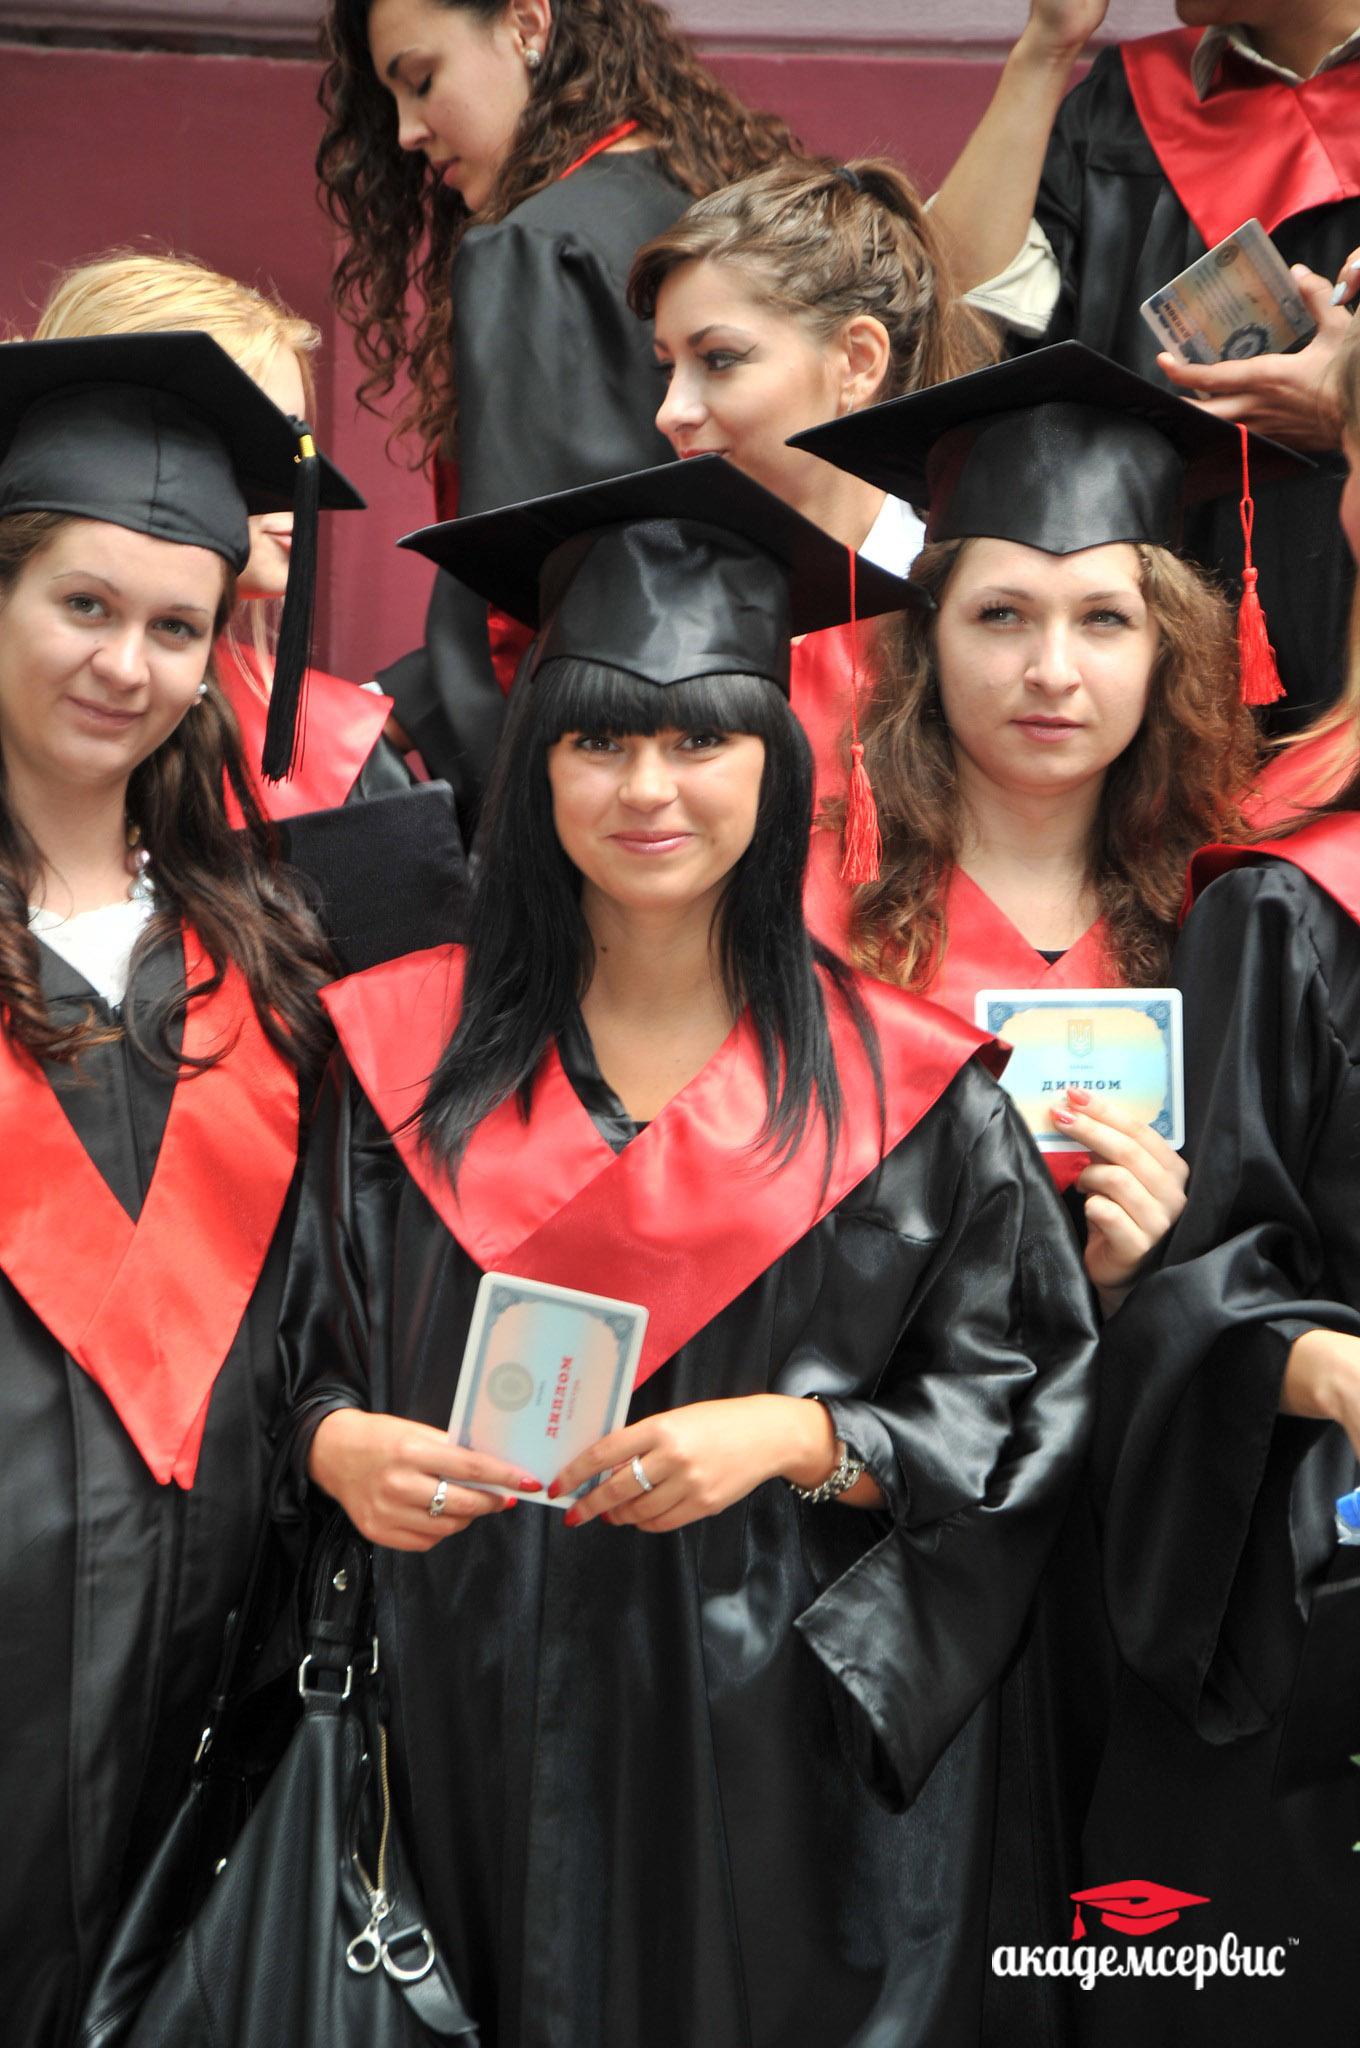 Прокат мантий в Одесском государственном экономическом университете (фото)